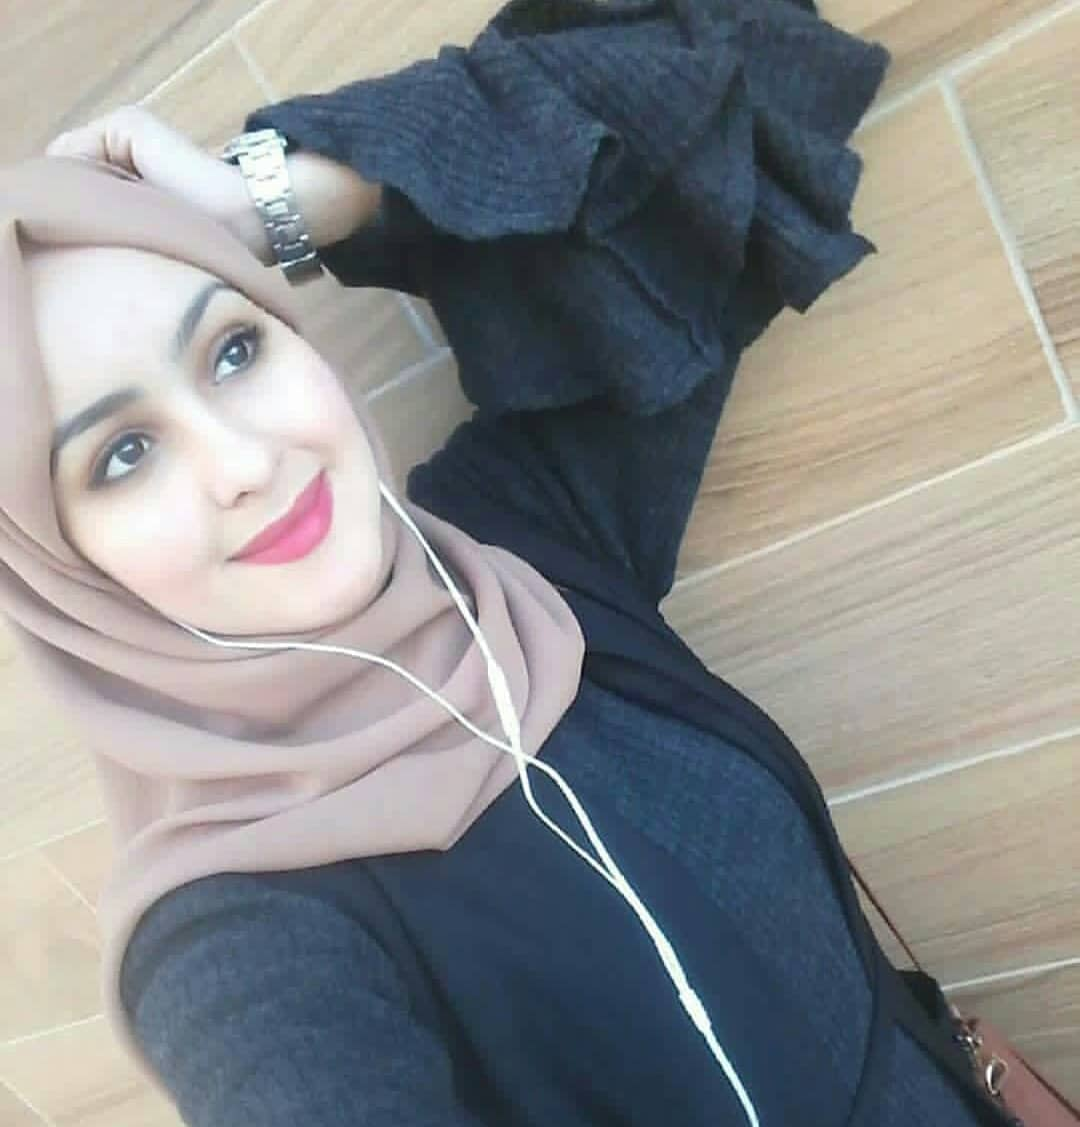 بالصور بنات كيوت محجبات , الحجاب واحدث صيحاته مع البنات الجمال 5461 9